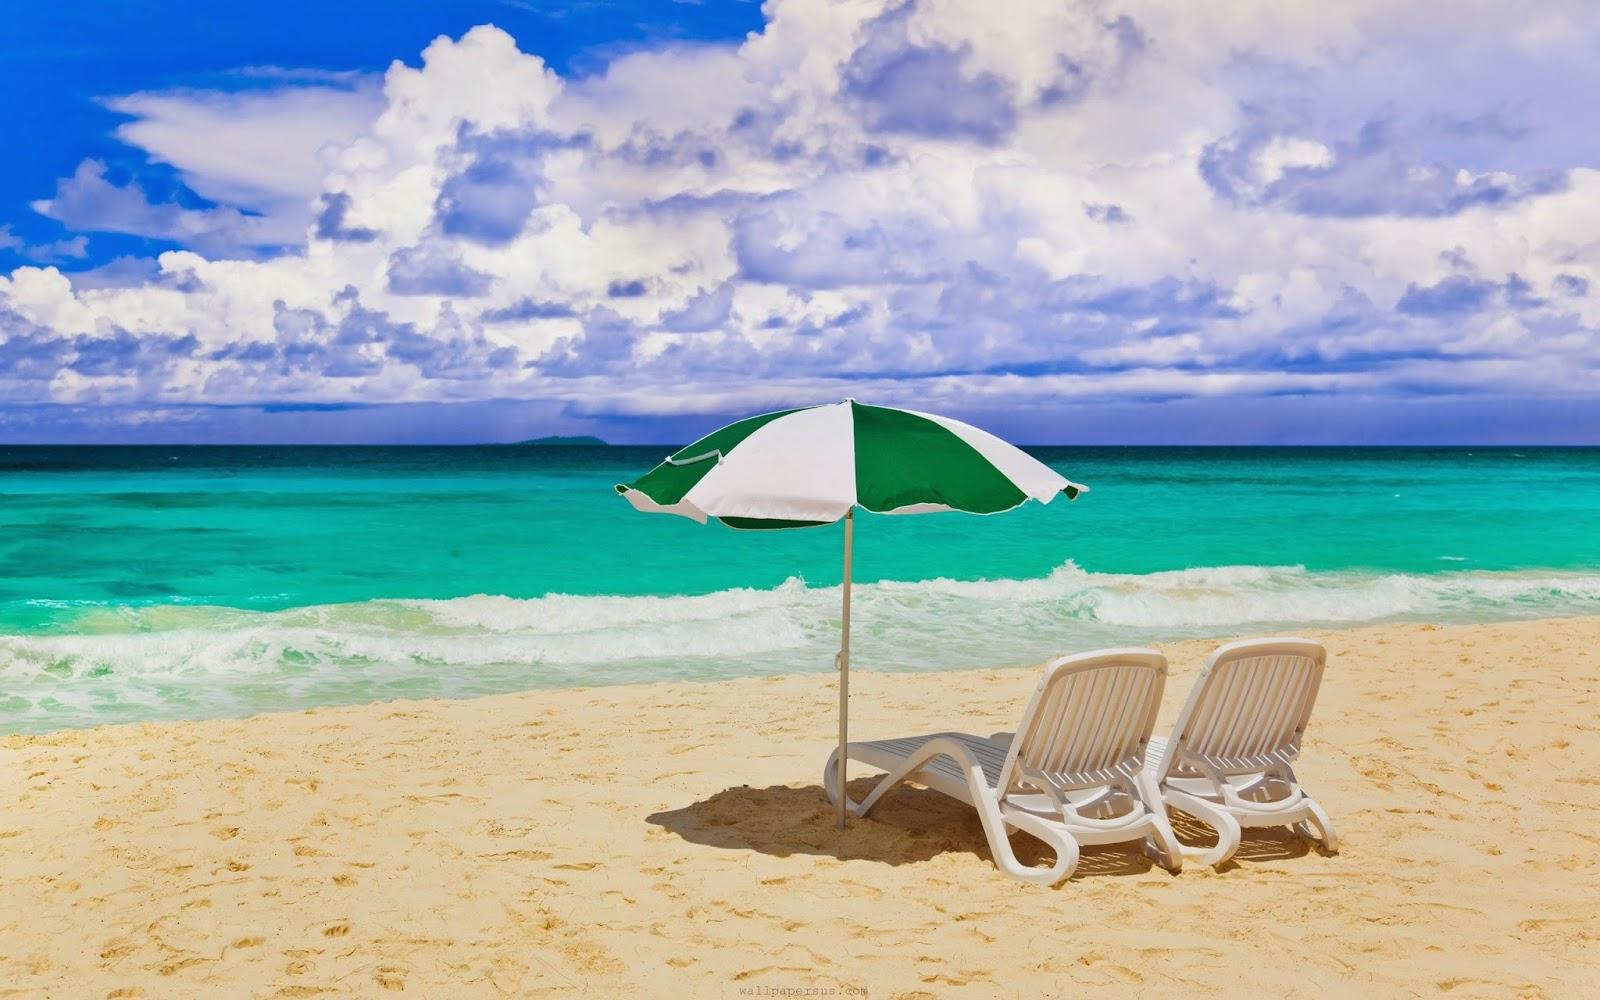 Summer-beach chair wallpapers HD ~ Desktop Wallpapers free ...